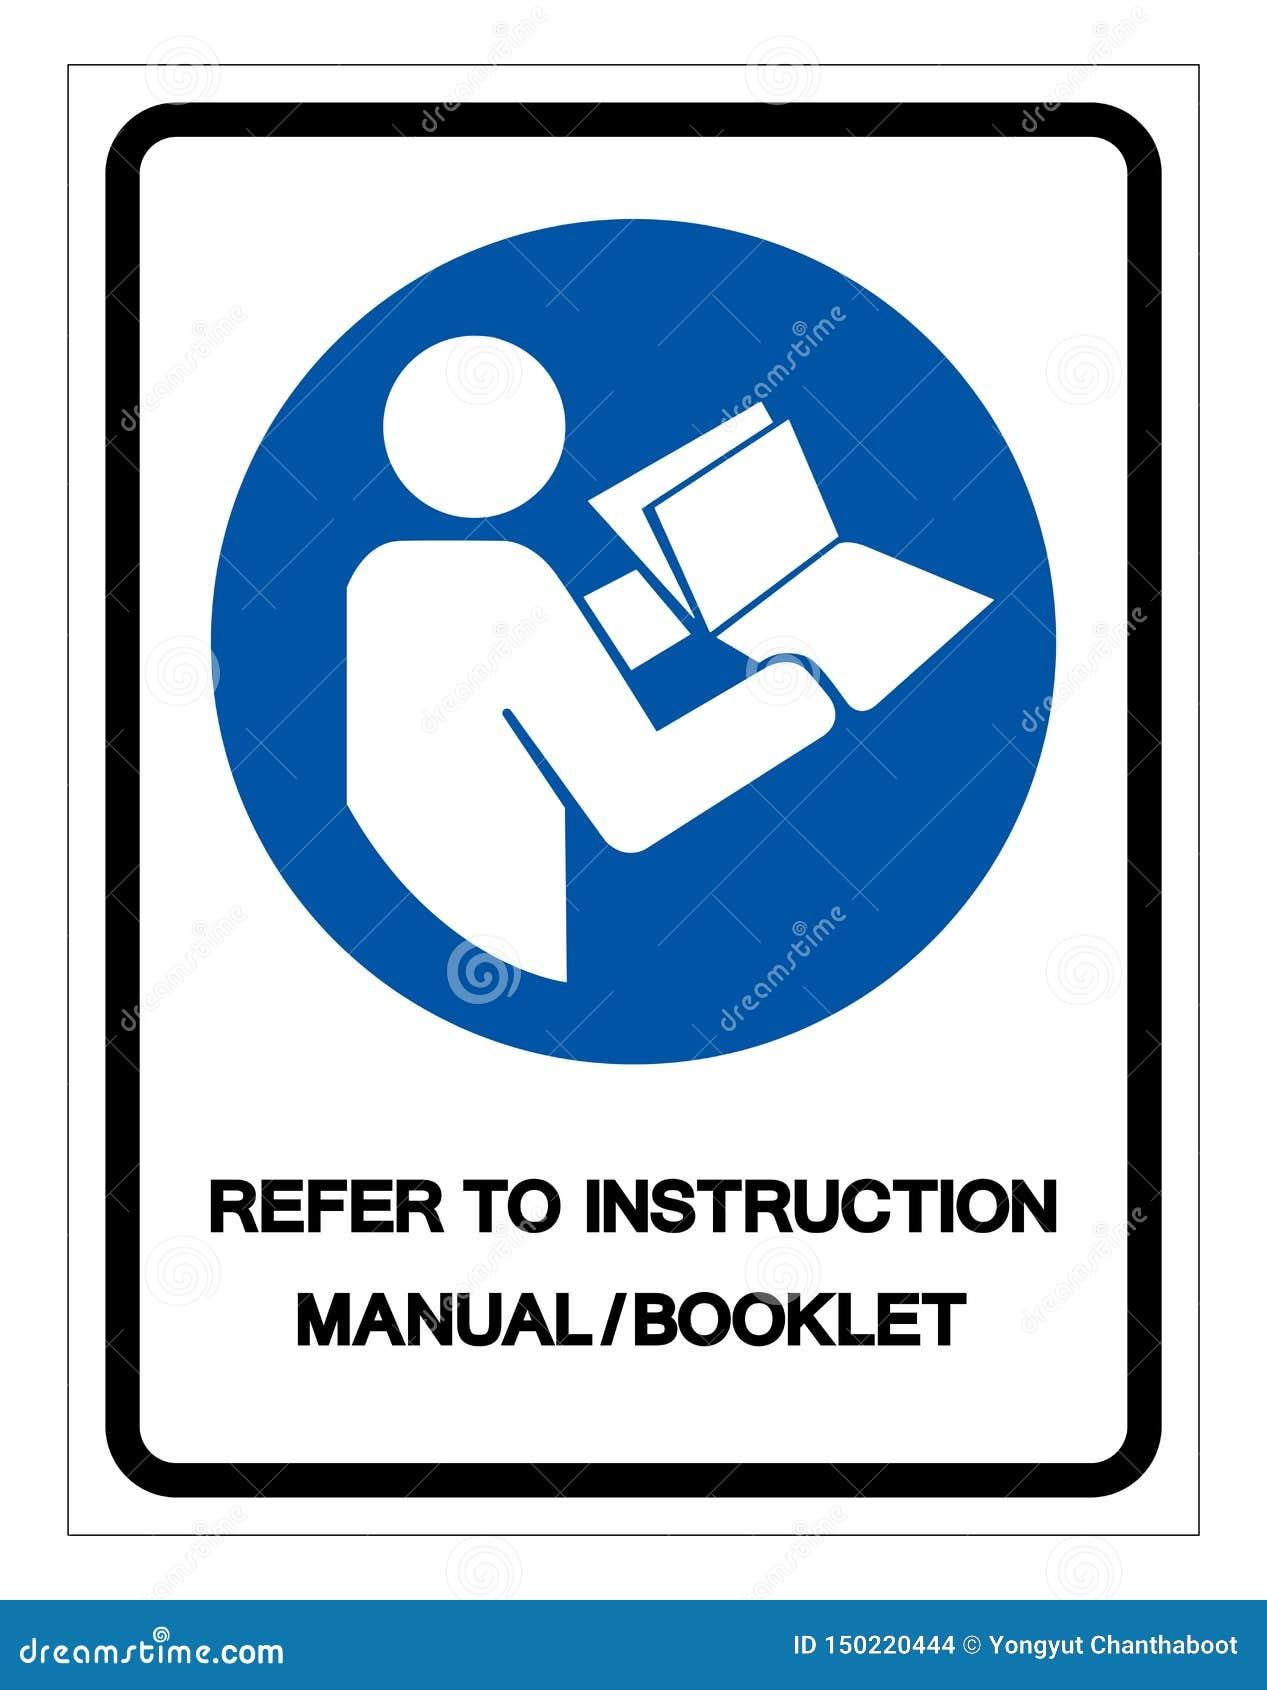 3d Symbols Manual Guide